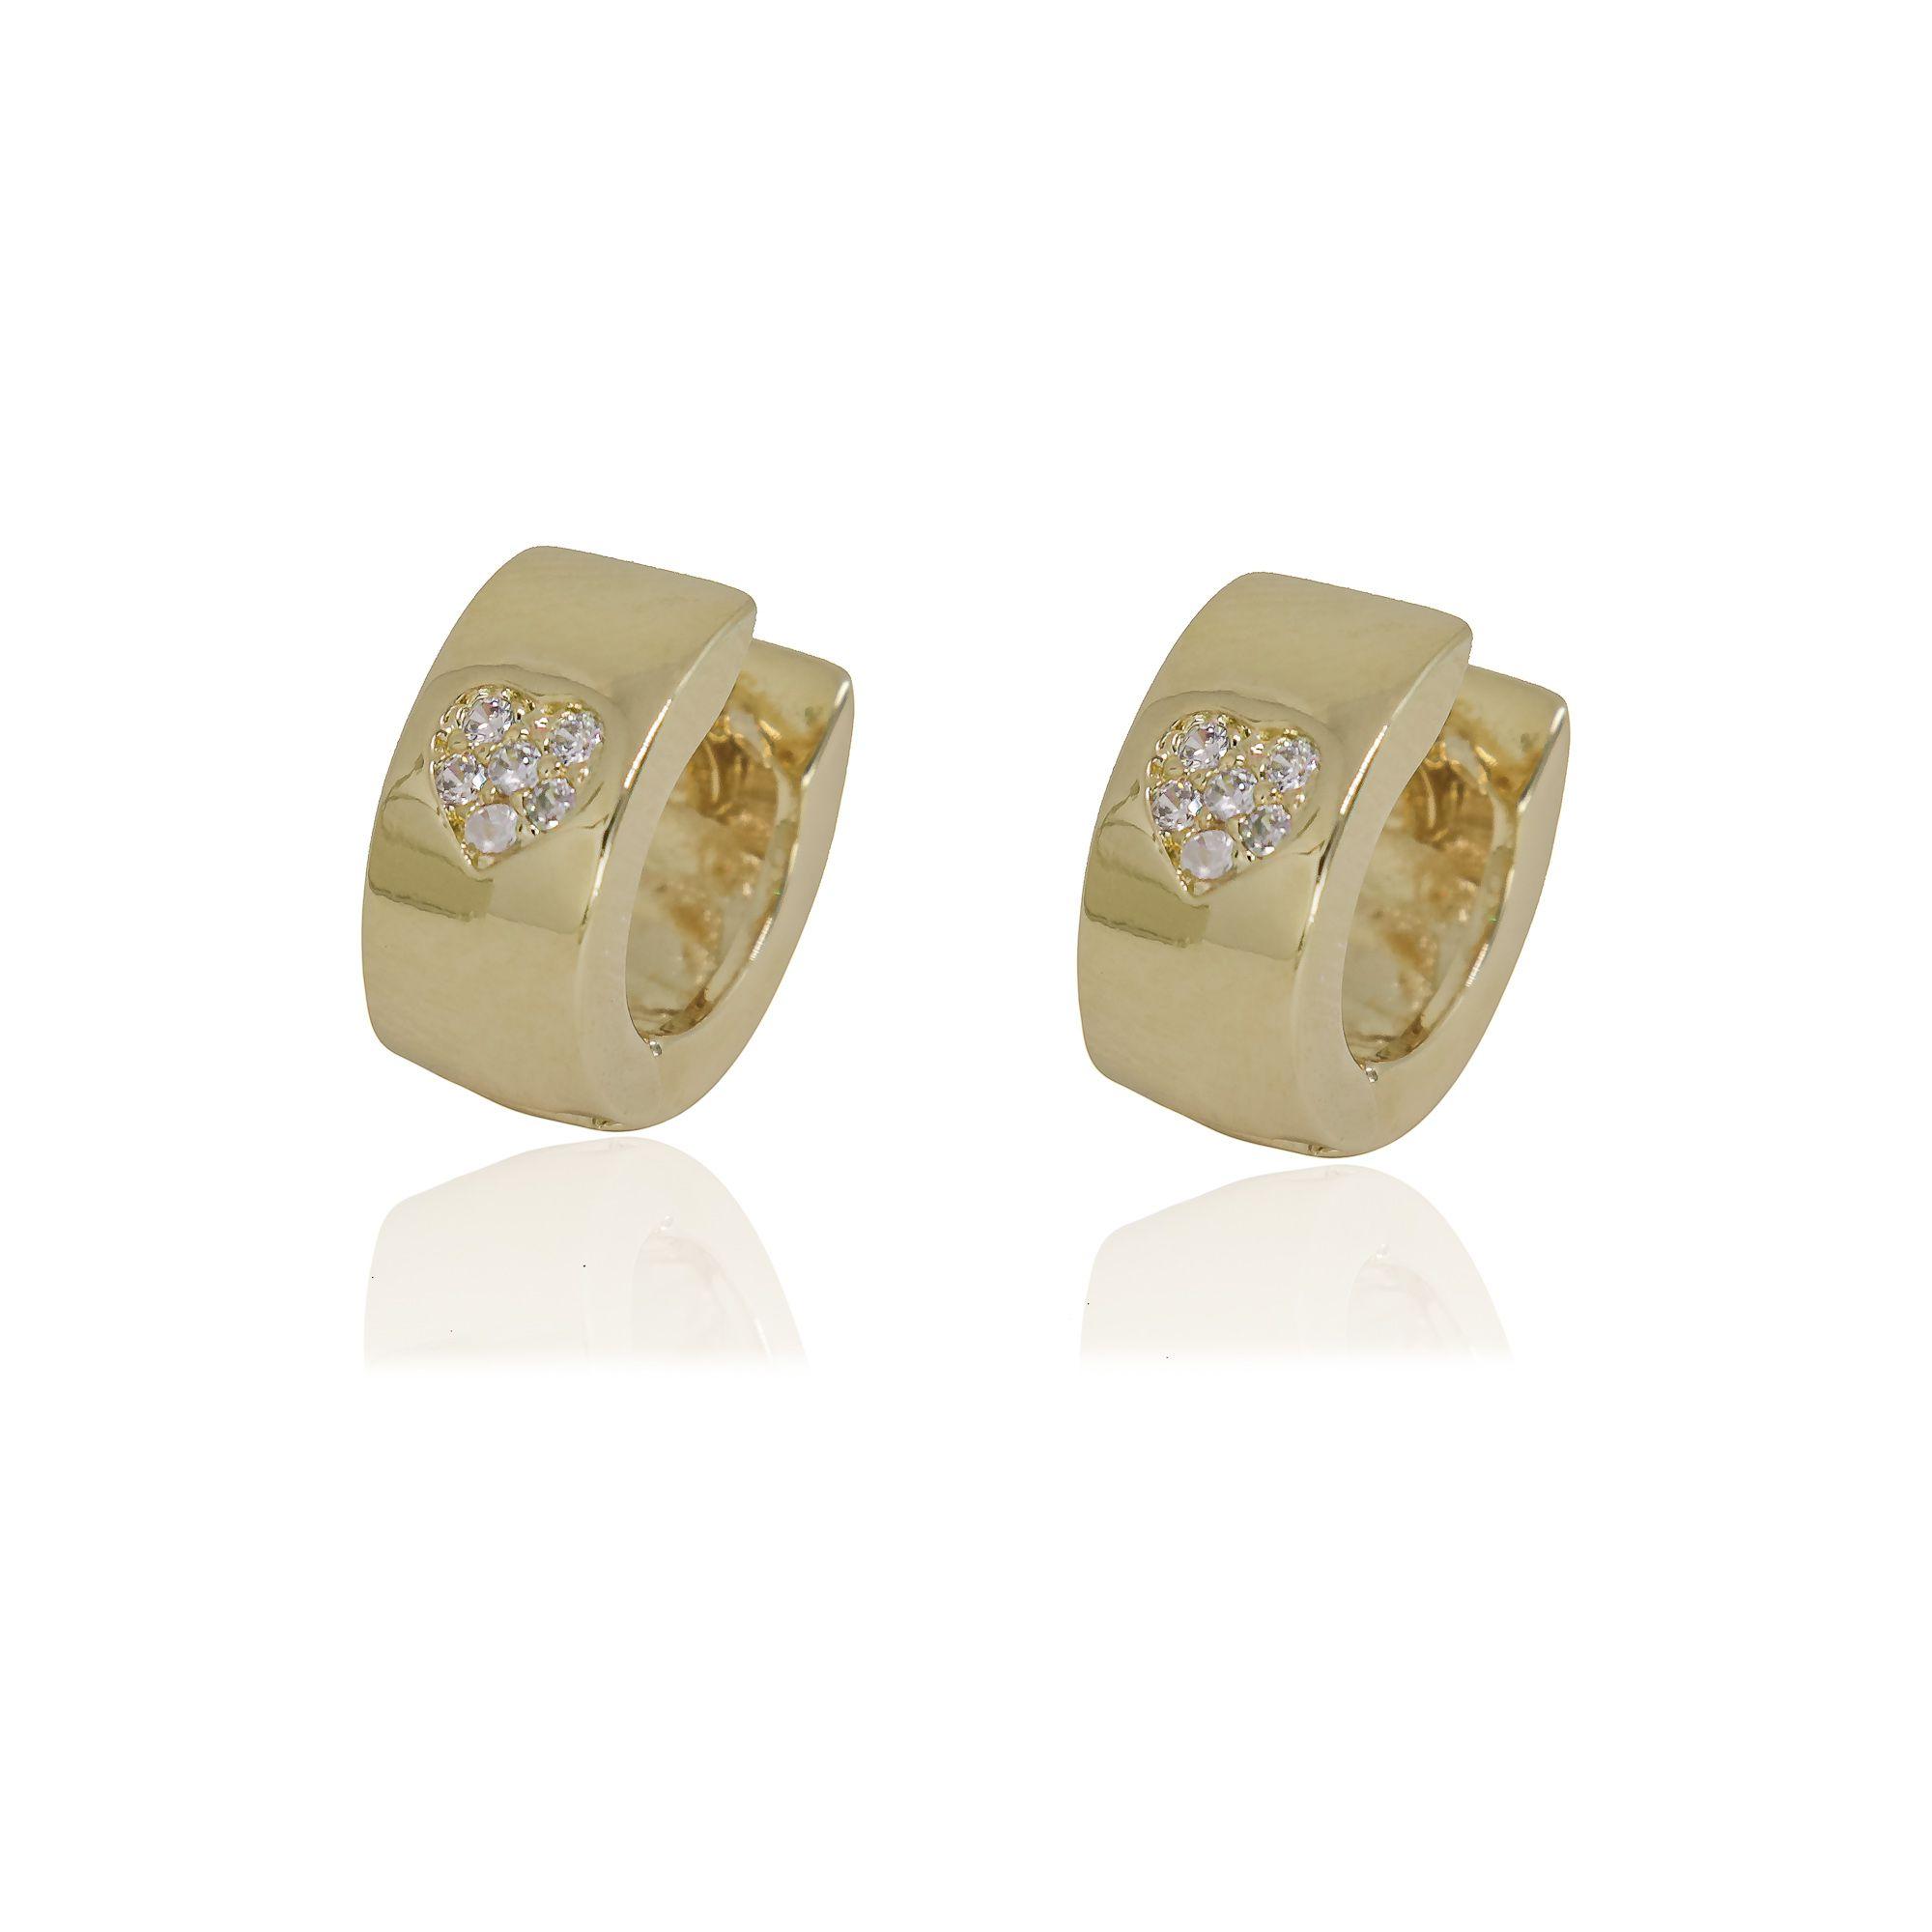 Argola semi joia folheada a ouro 18k ou rhodium com coração cravejado em microzircônia